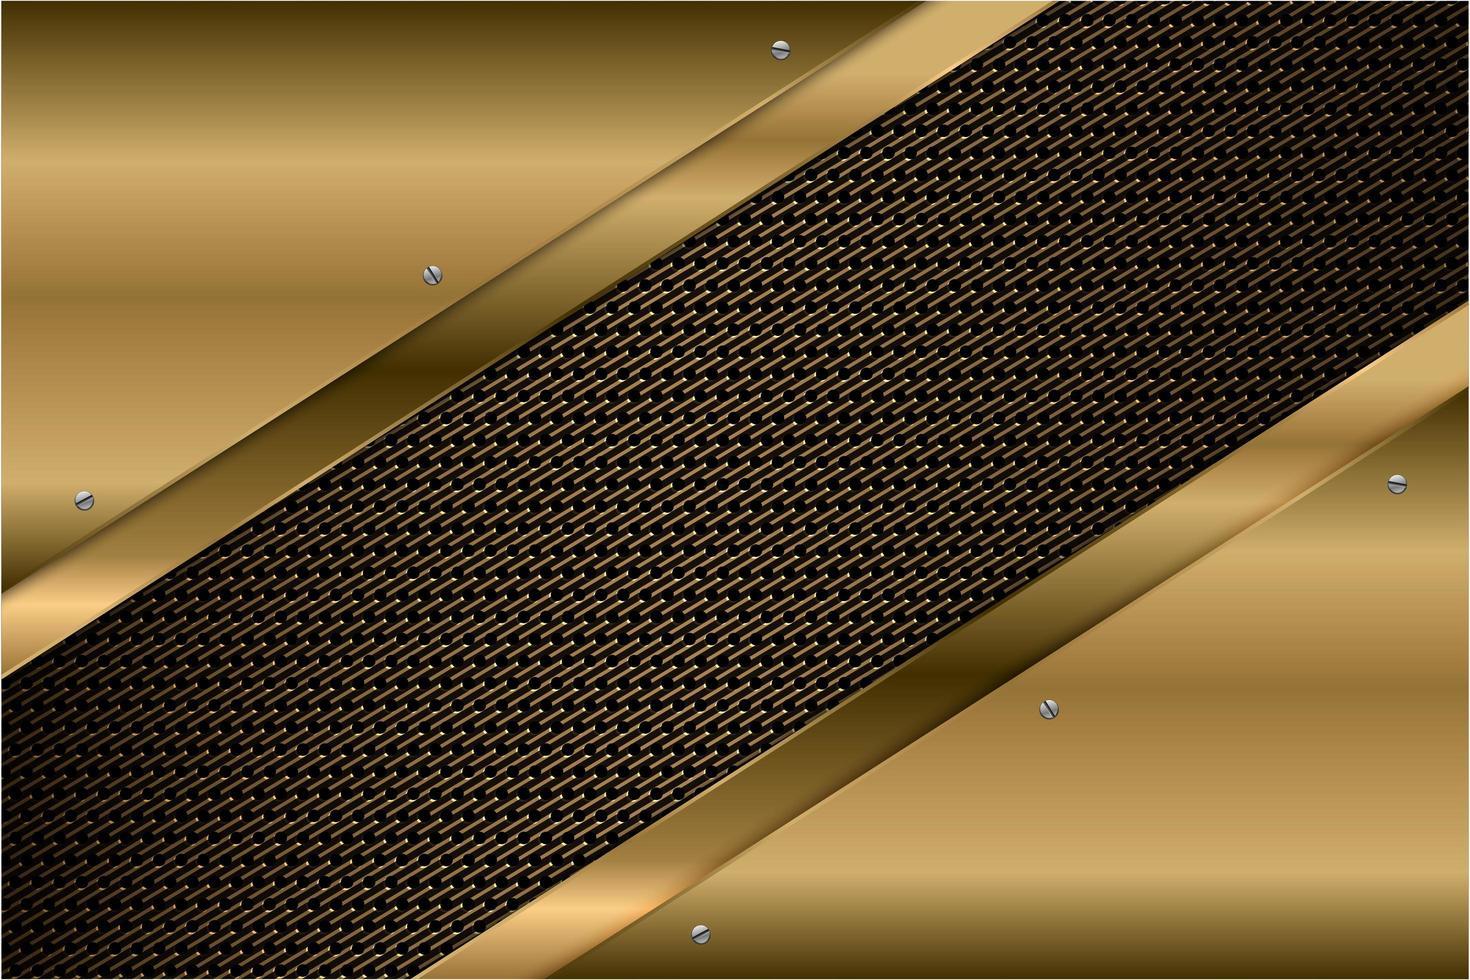 panneaux coudés en or métallique avec texture en fibre de carbone vecteur